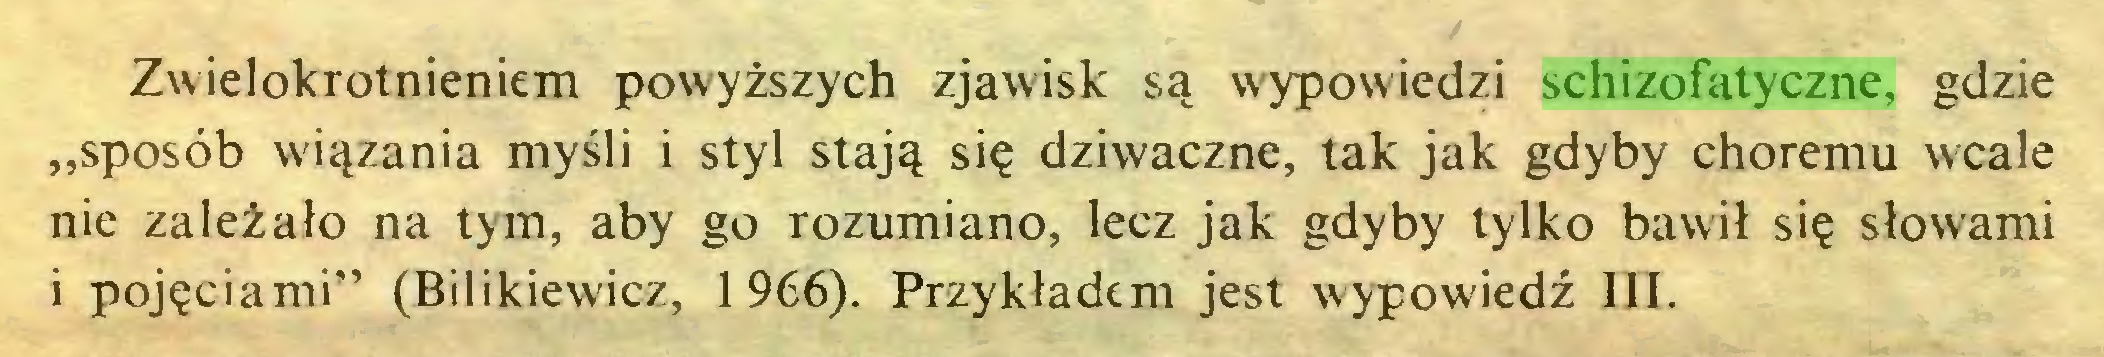 """(...) Zwielokrotnieniem powyższych zjawisk są wypowiedzi schizofatyczne, gdzie """"sposób wiązania myśli i styl stają się dziwaczne, tak jak gdyby choremu wcale nie zależało na tym, aby go rozumiano, lecz jak gdyby tylko bawił się słowami i pojęciami"""" (Bilikiewicz, 1966). Przykładem jest wypowiedź III..."""